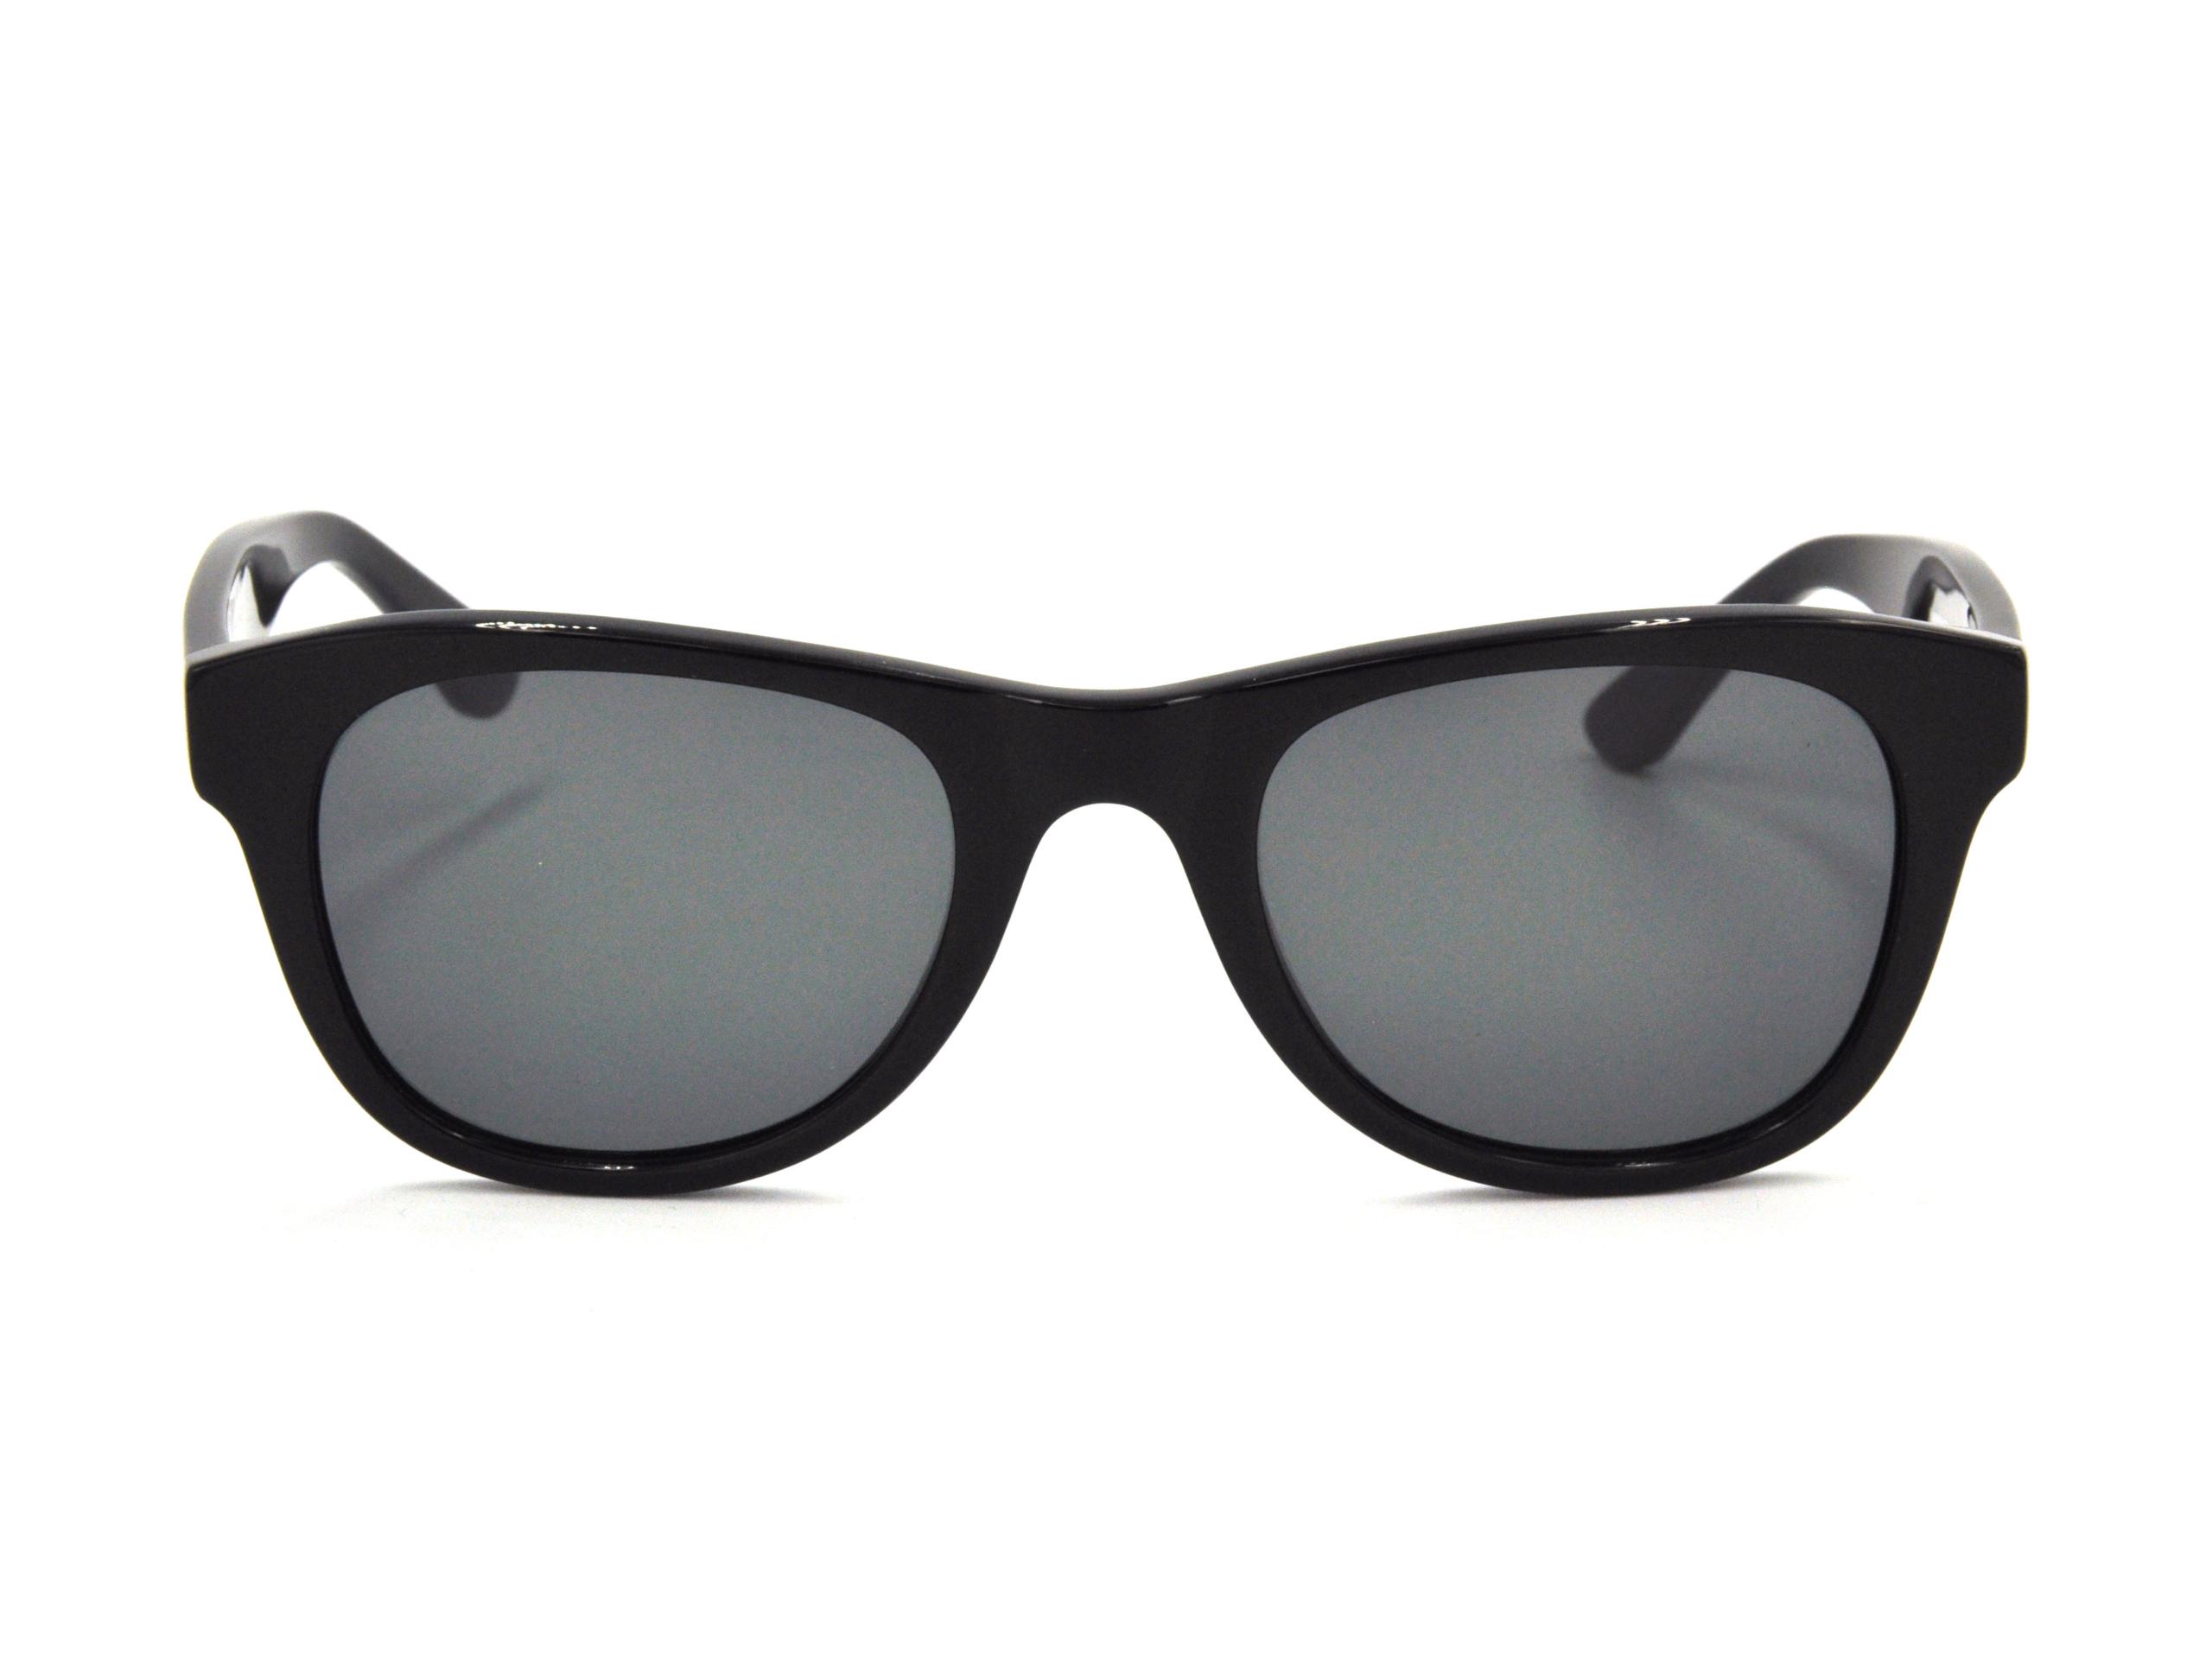 Γυαλιά ηλίου MORITZ JUNIOR BB9160 TB01 47-20-130 Πειραιάς